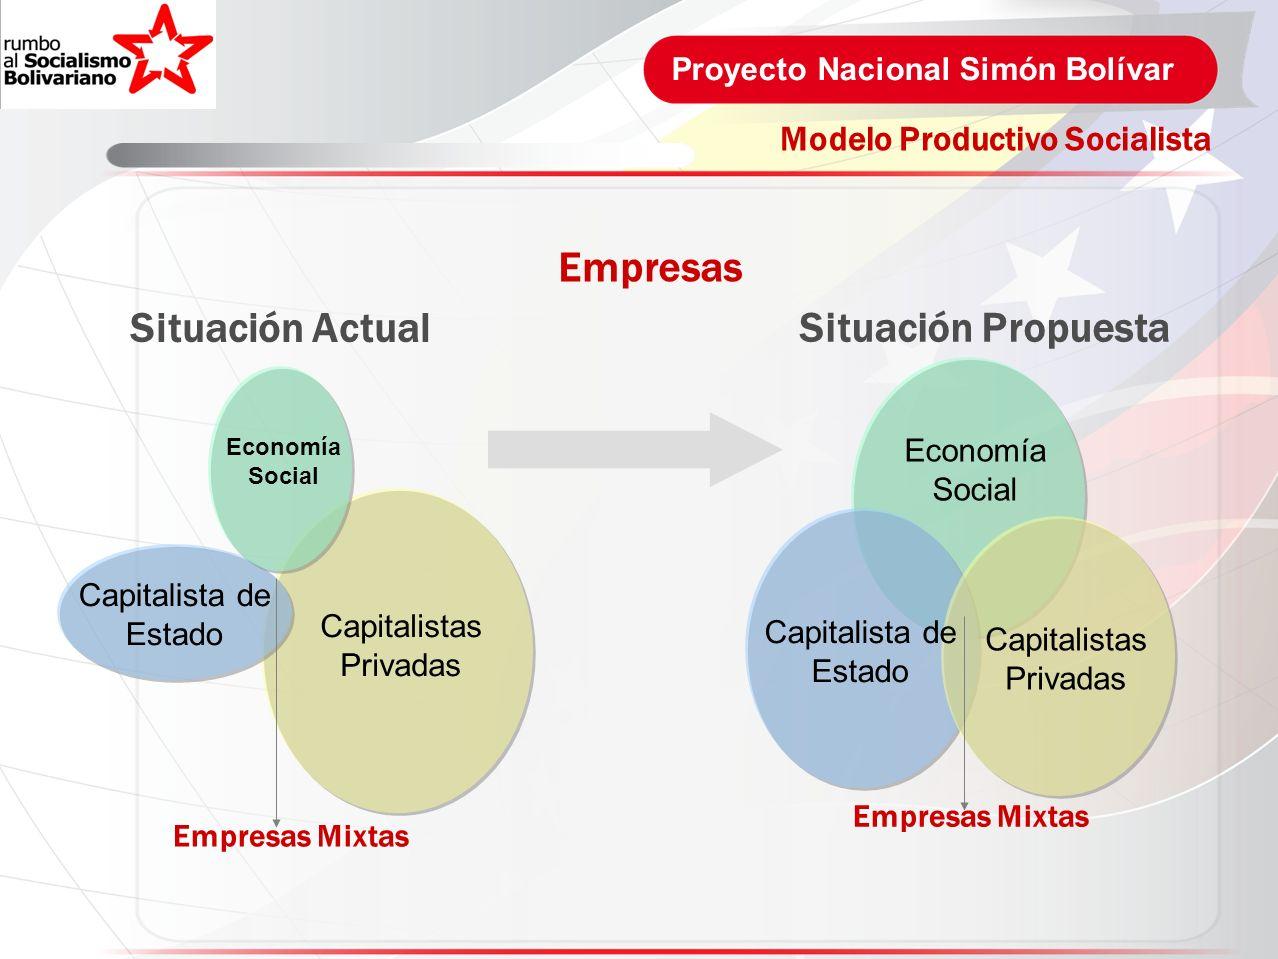 Proyecto Nacional Simón Bolívar Capitalistas Privadas Capitalista de Estado Economía Social Modelo Productivo Socialista Empresas Situación Actual Cap